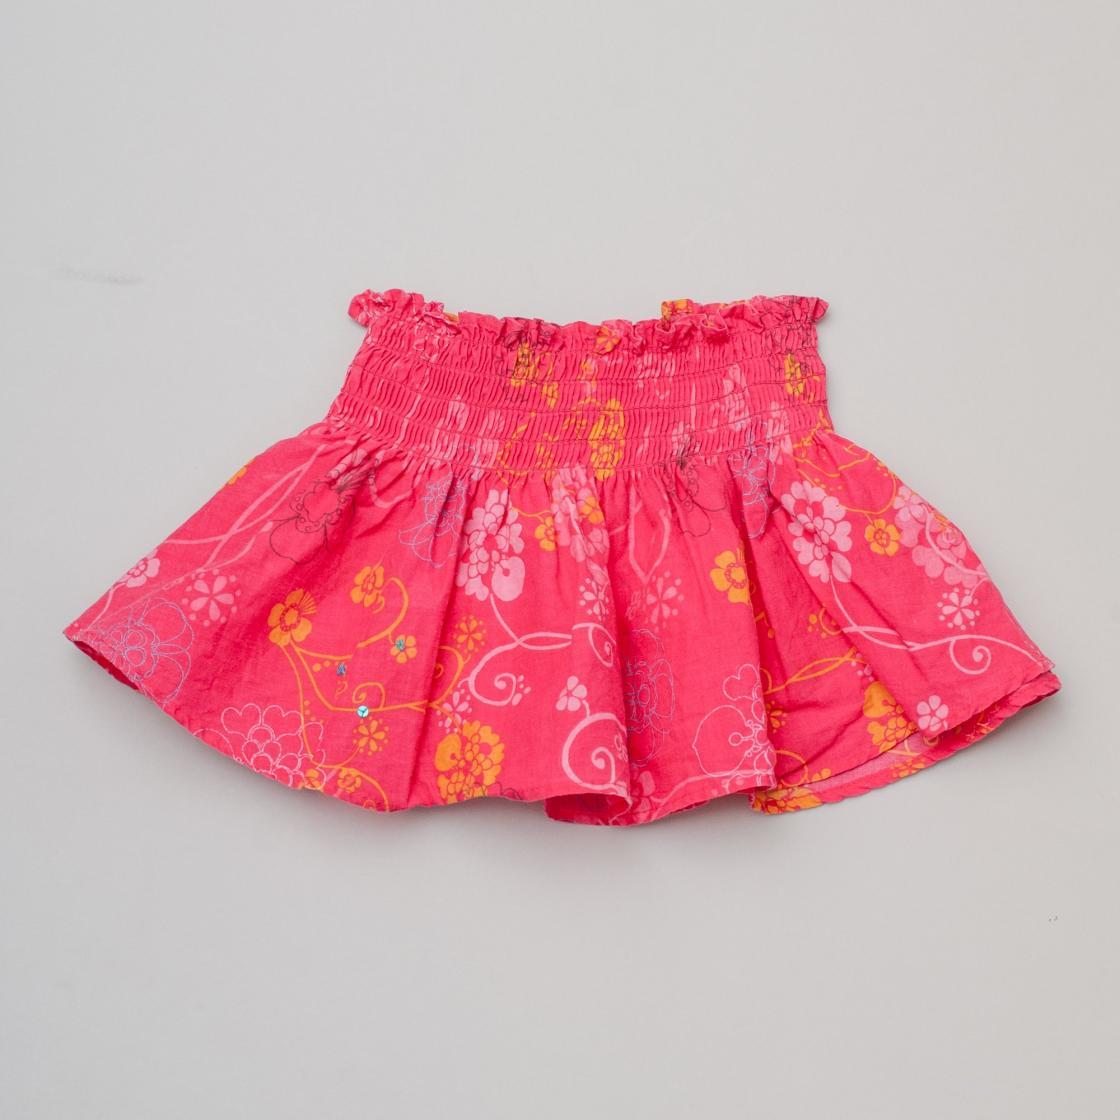 Obaibi Red Skirt